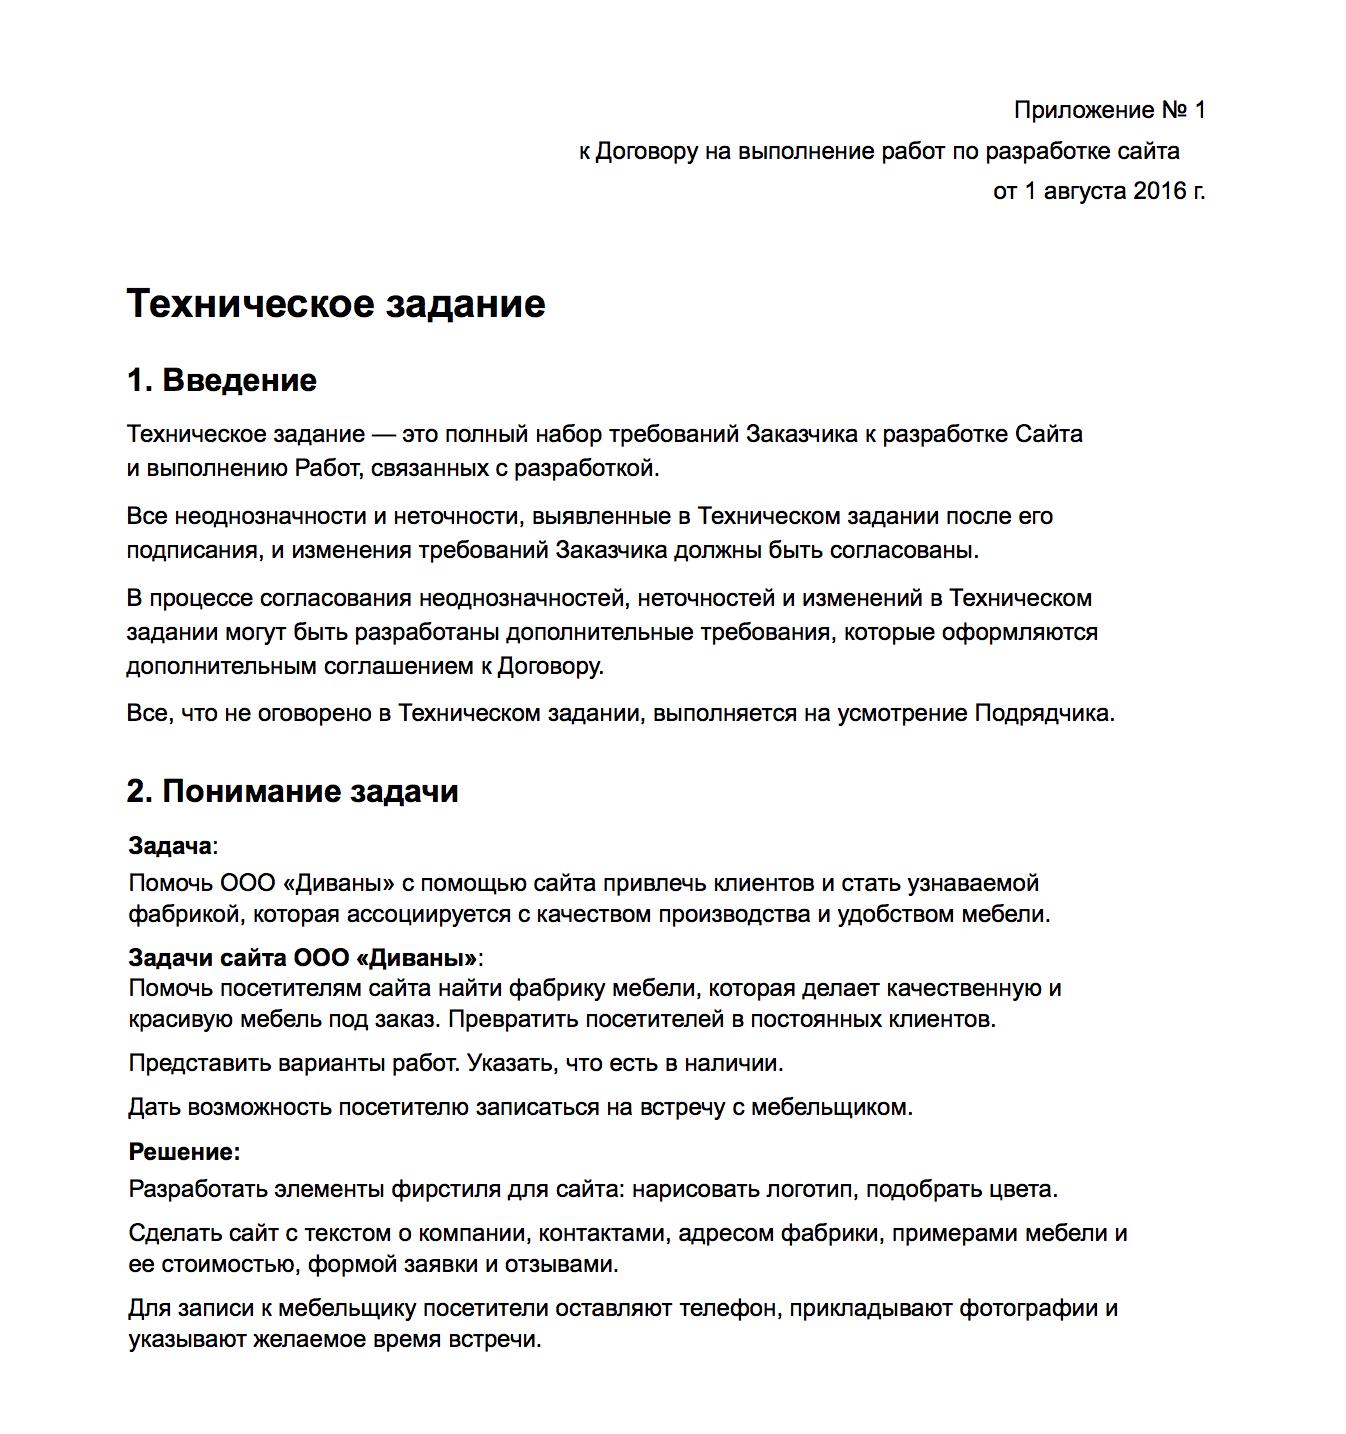 Титульный лист инструкции по технике безопасности 2019